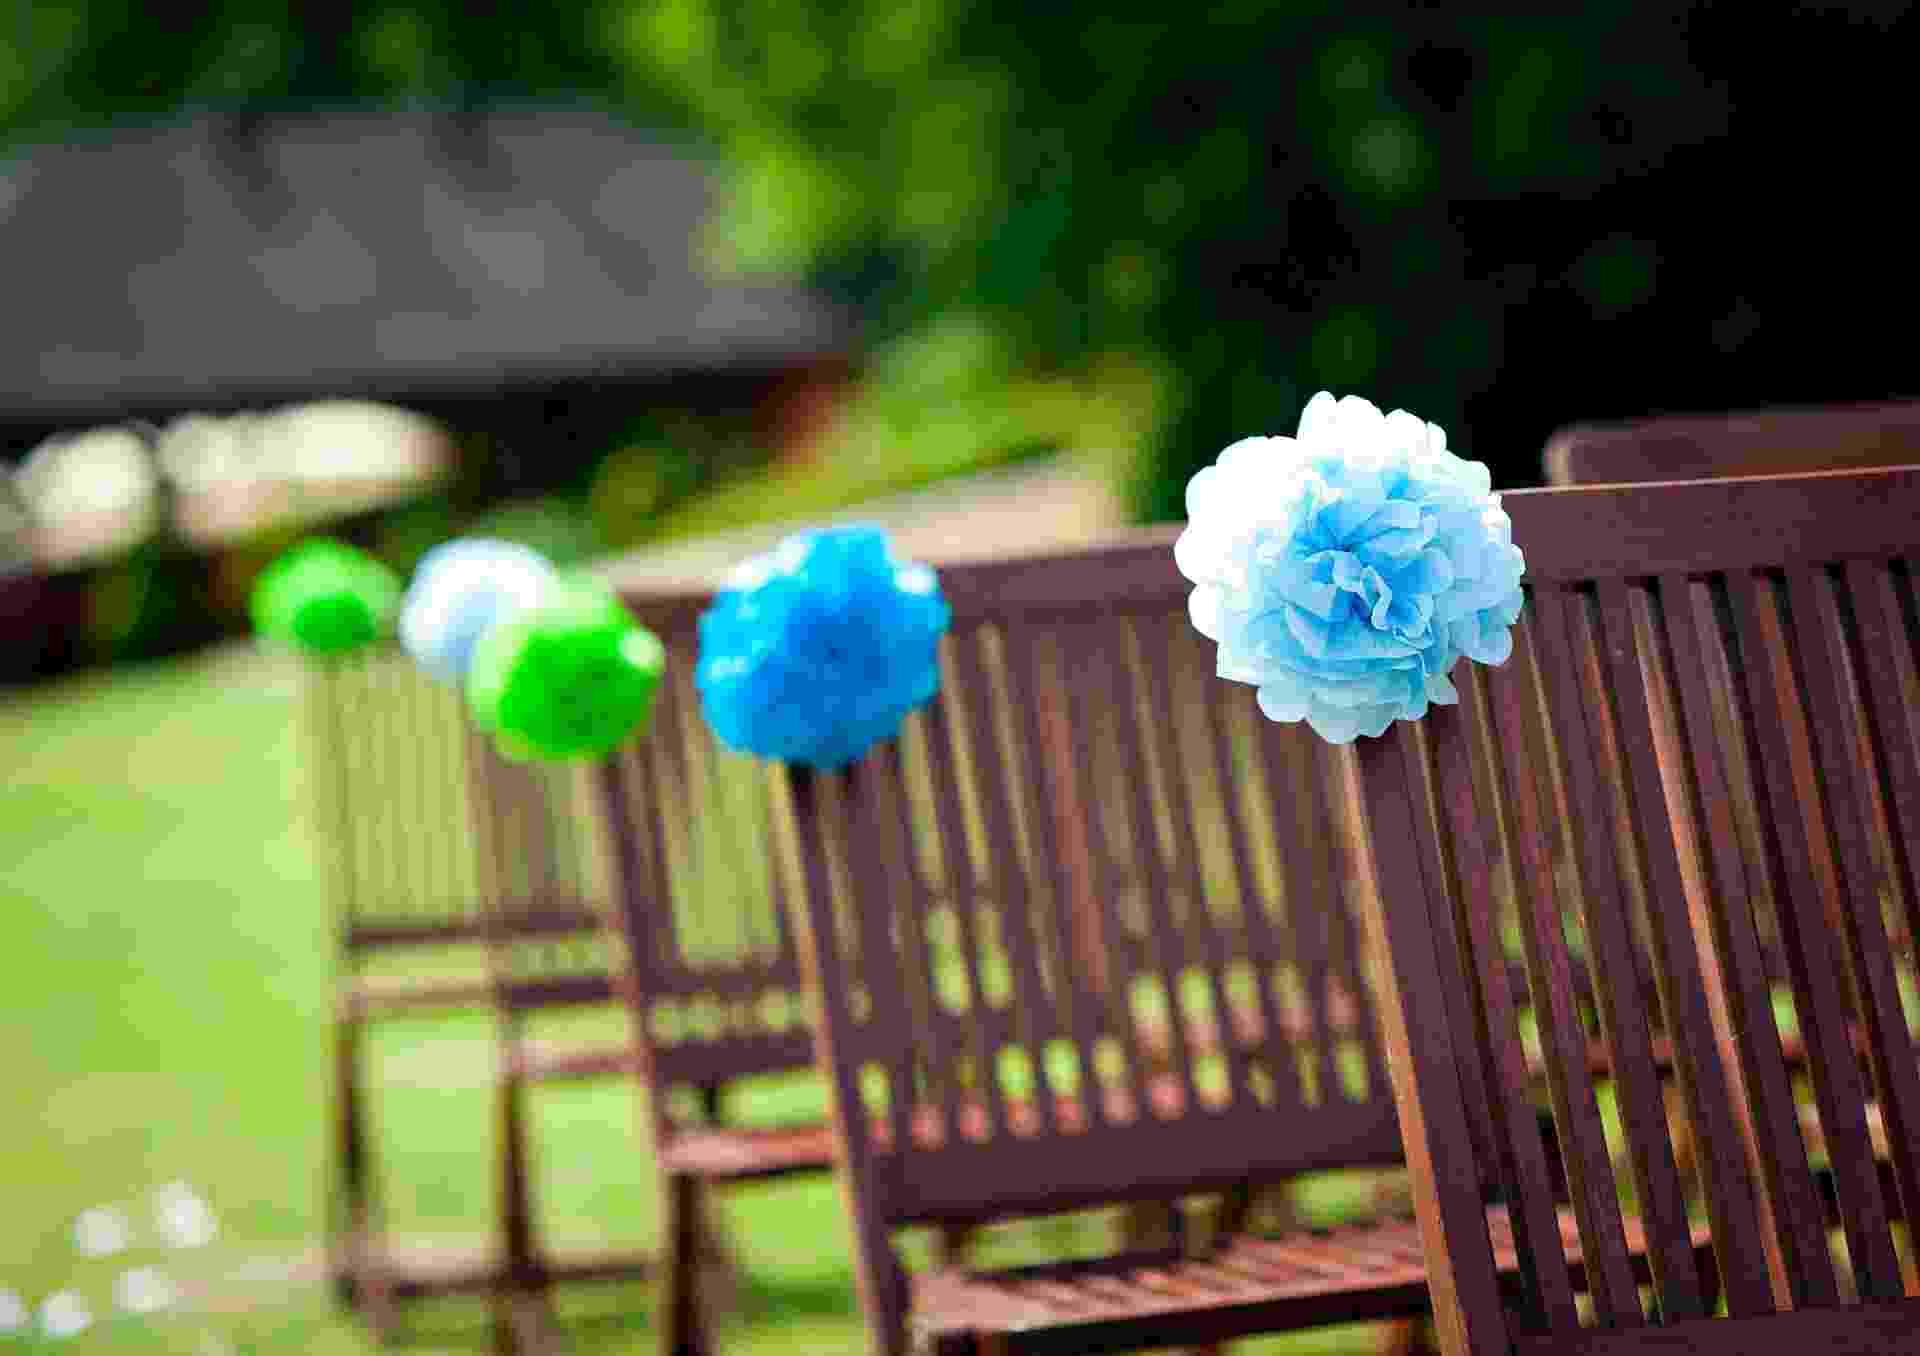 Imagem para matéria do Casamentoclick sobre decoração de cadeira para o casamento - Thinkstock